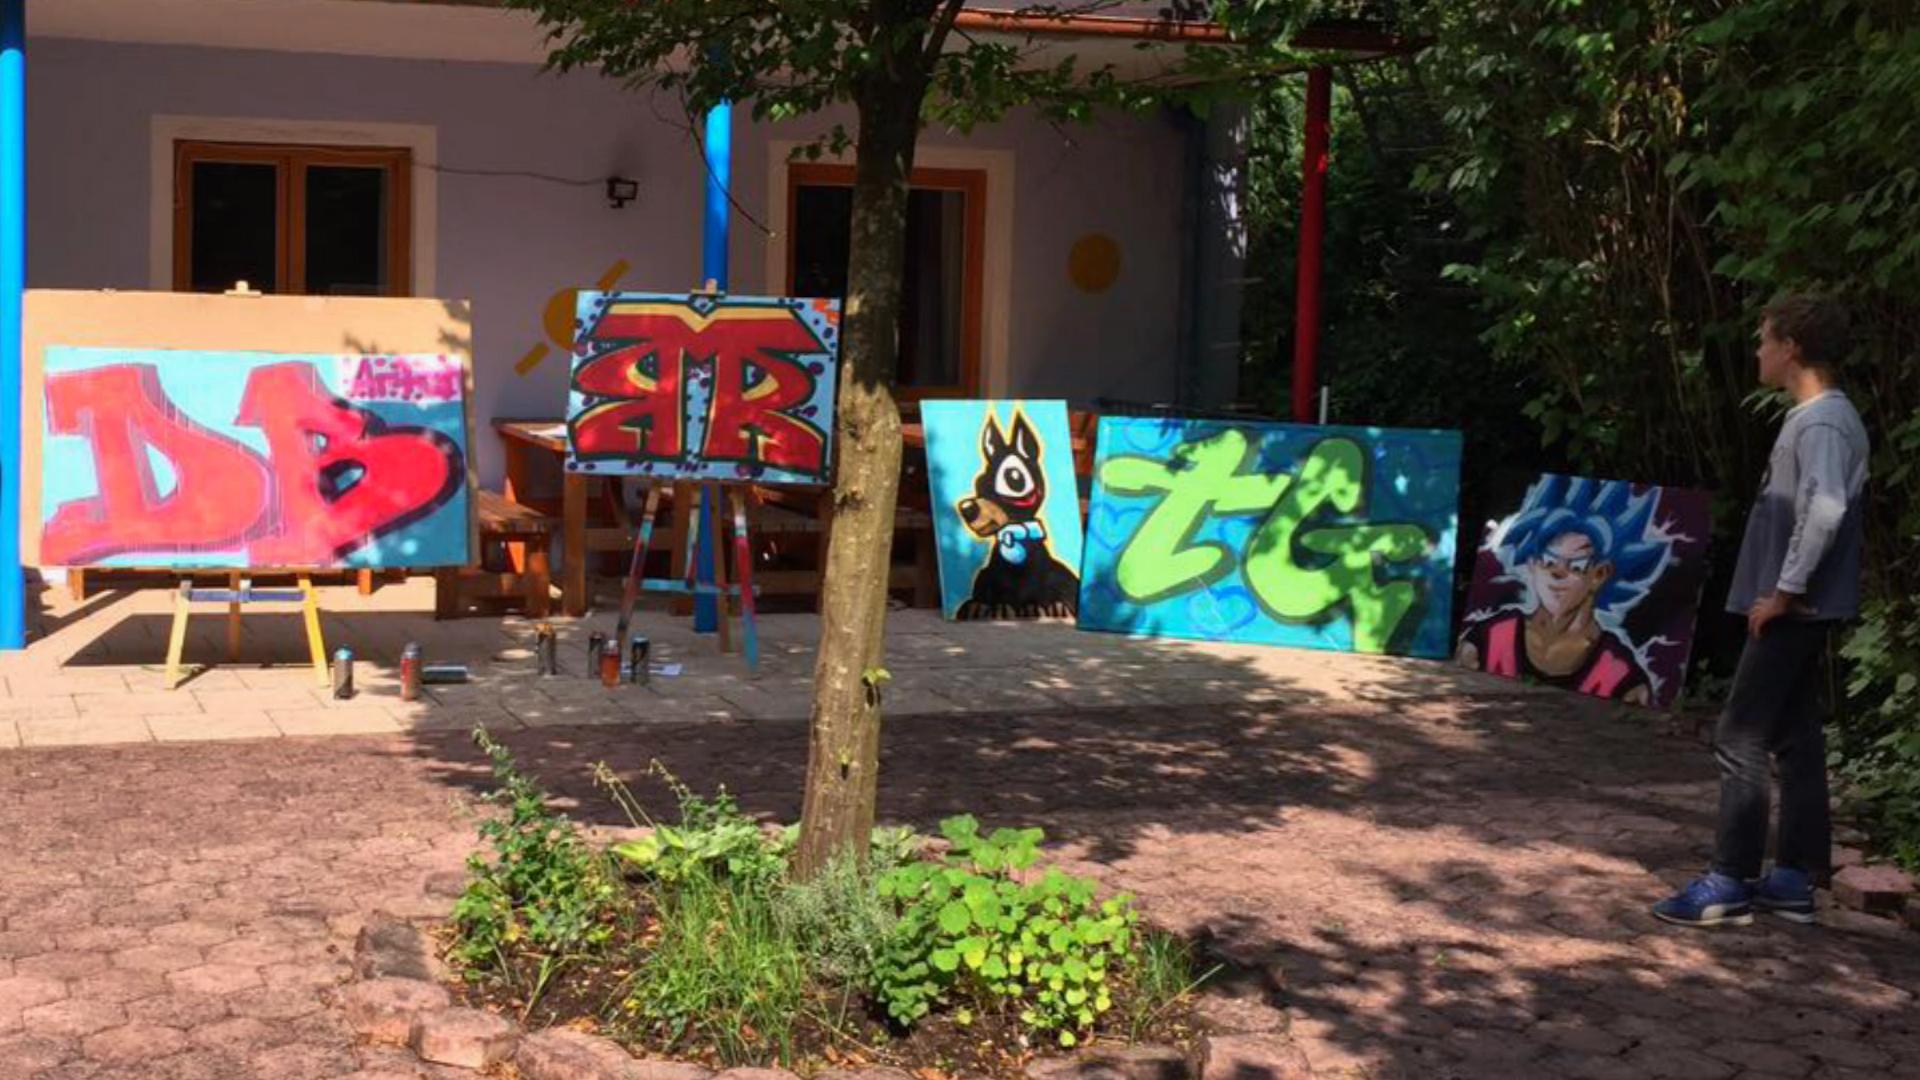 Hids_Grafitti_0917_3.jpg